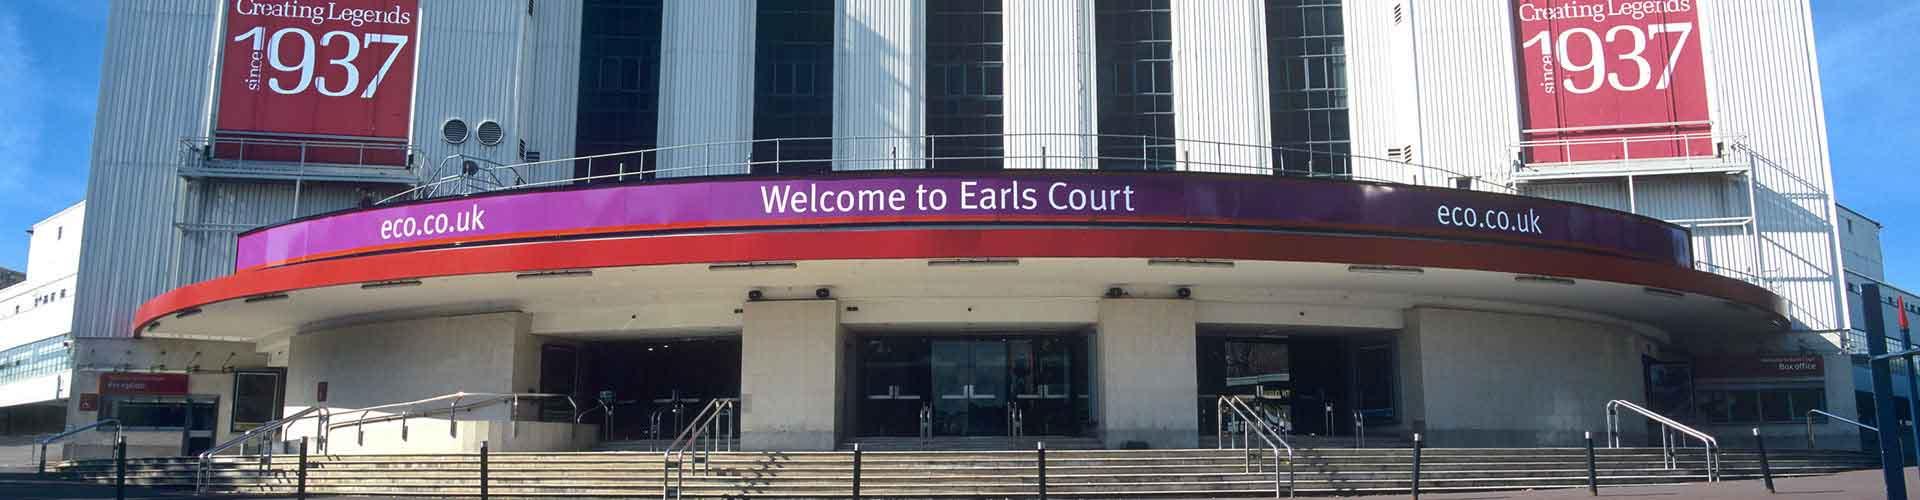 런던 - Earls Court 지구의 호스텔. 런던의 지도, 런던에 위치한 호스텔 사진 및 후기 정보.